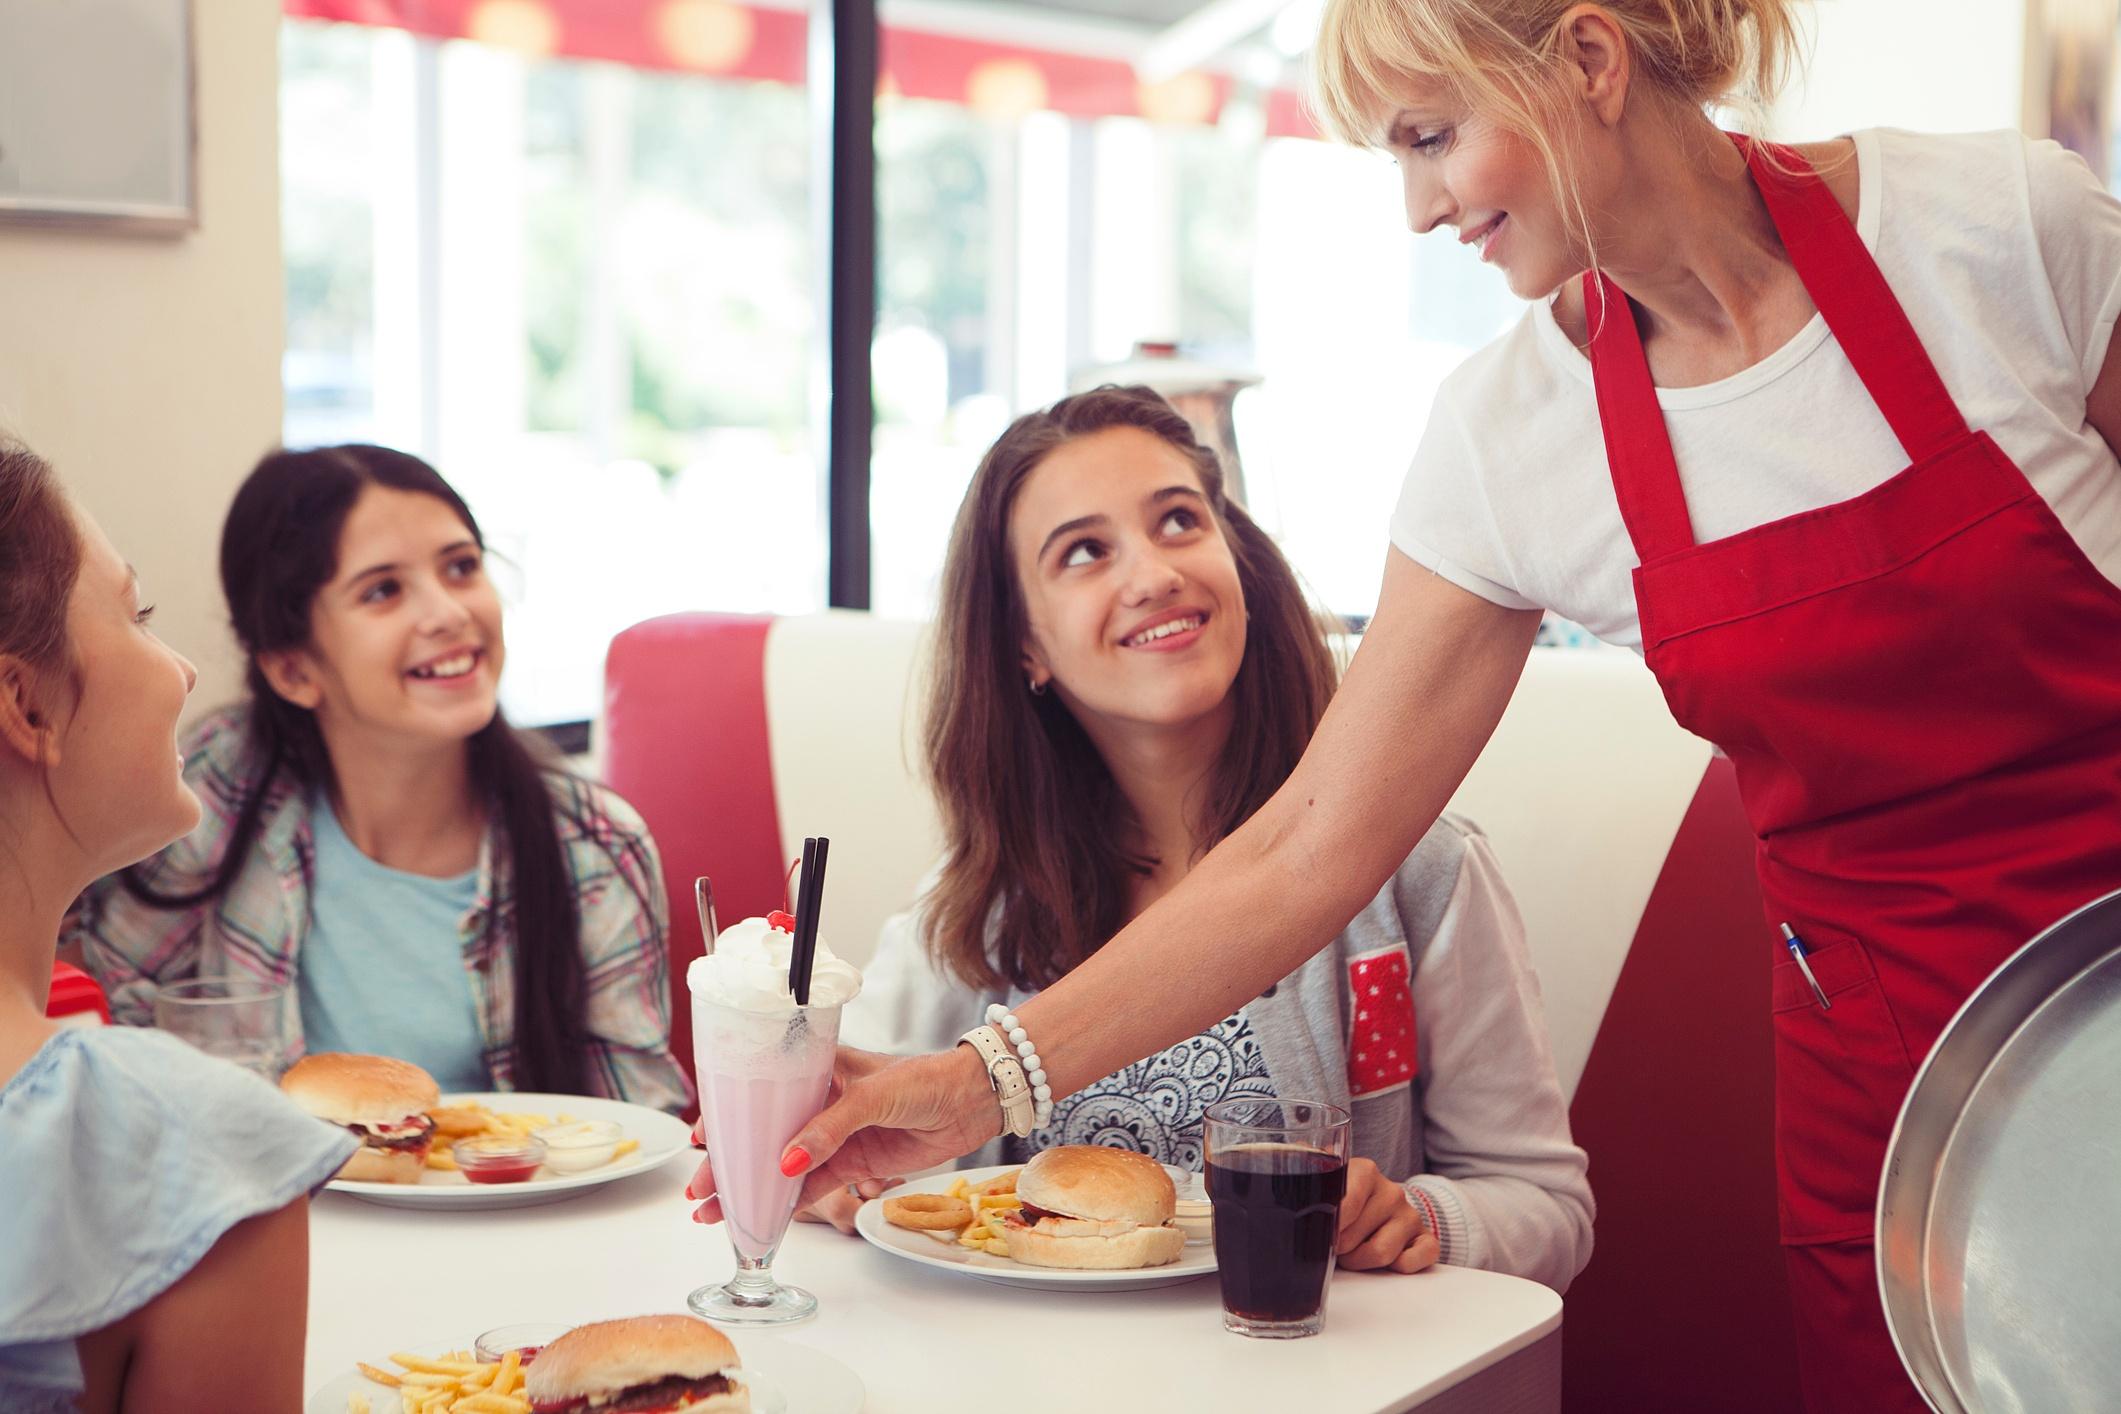 Waitress serves a family